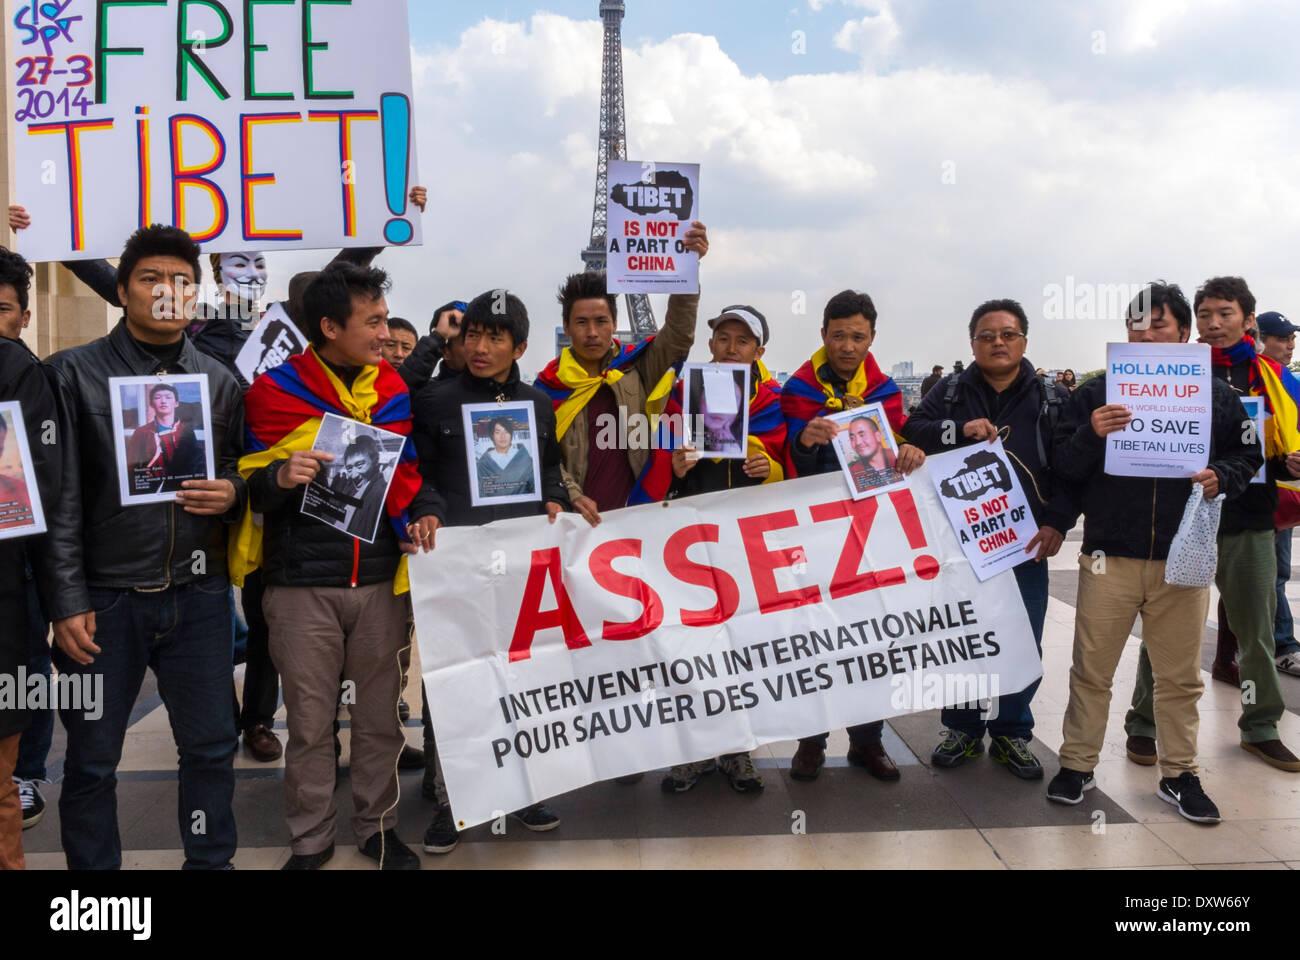 """El Tibetano, taiwaneses comunidades étnicas de Francia, y sus amigos llamados para movilizar a los ciudadanos franceses durante la visita del presidente chino en París, la multitud mantiene signos de protesta """"Tíbet libre"""" suficiente Foto de stock"""